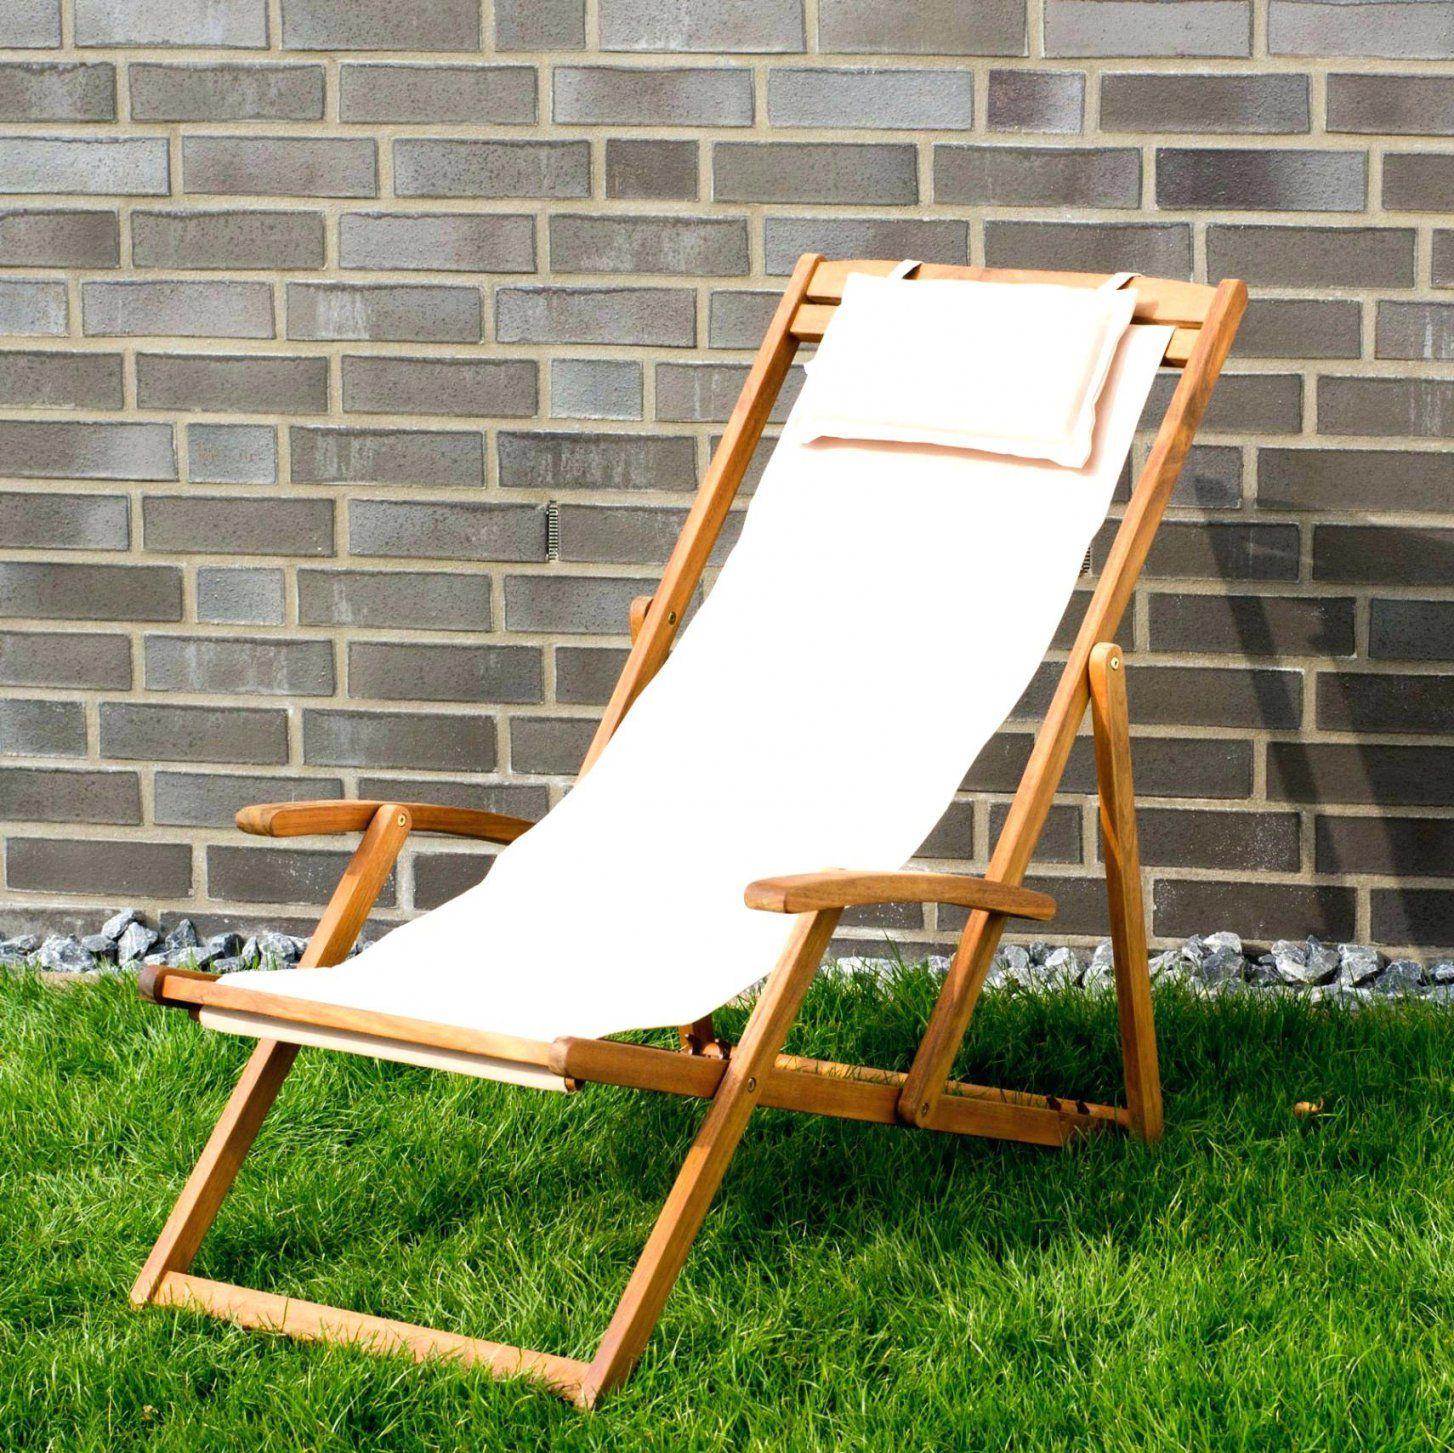 Garten Relaxliege Design Schaukelliege Sonnenliege Liege Lounge von Schaukelliege Holz Selber Bauen Photo